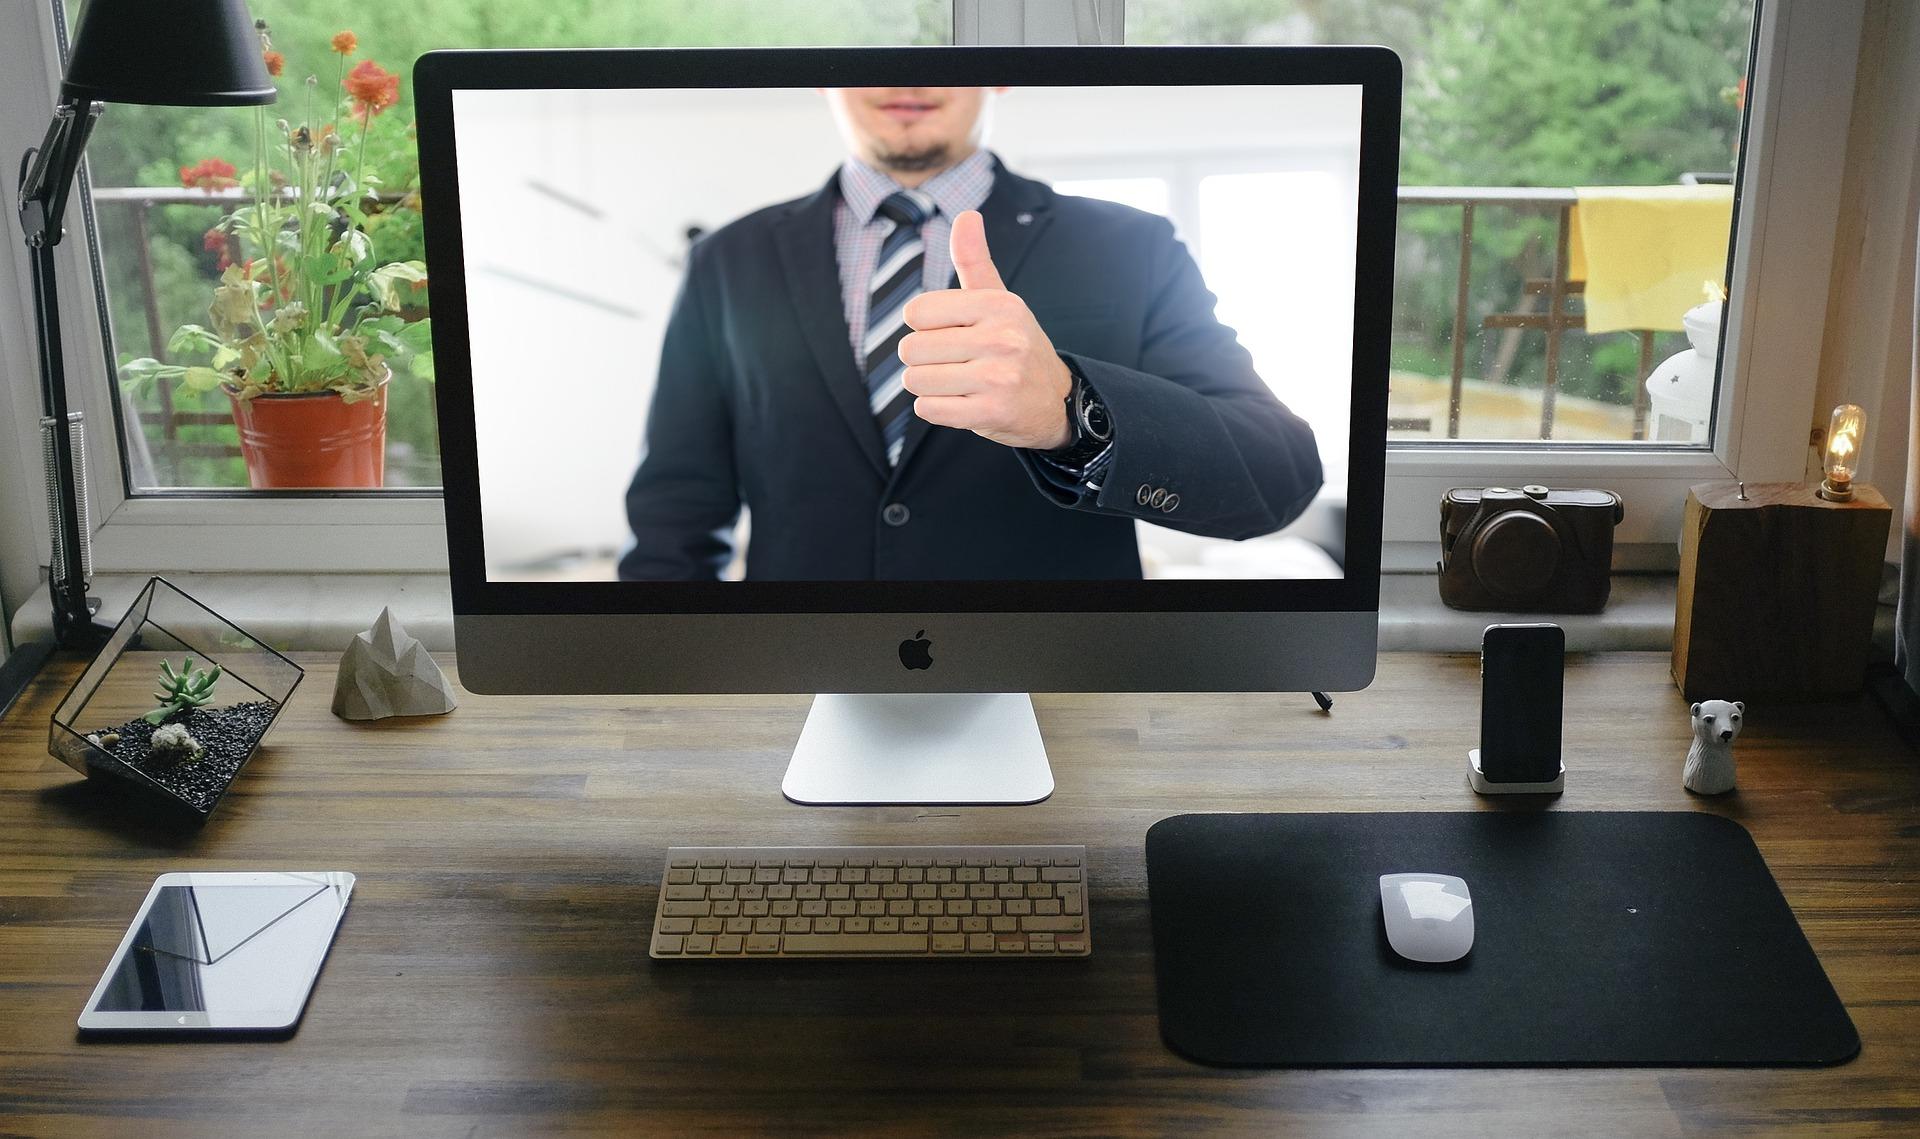 פגישות עבודה מרחוק: כך תצטלמו מעולה בזום